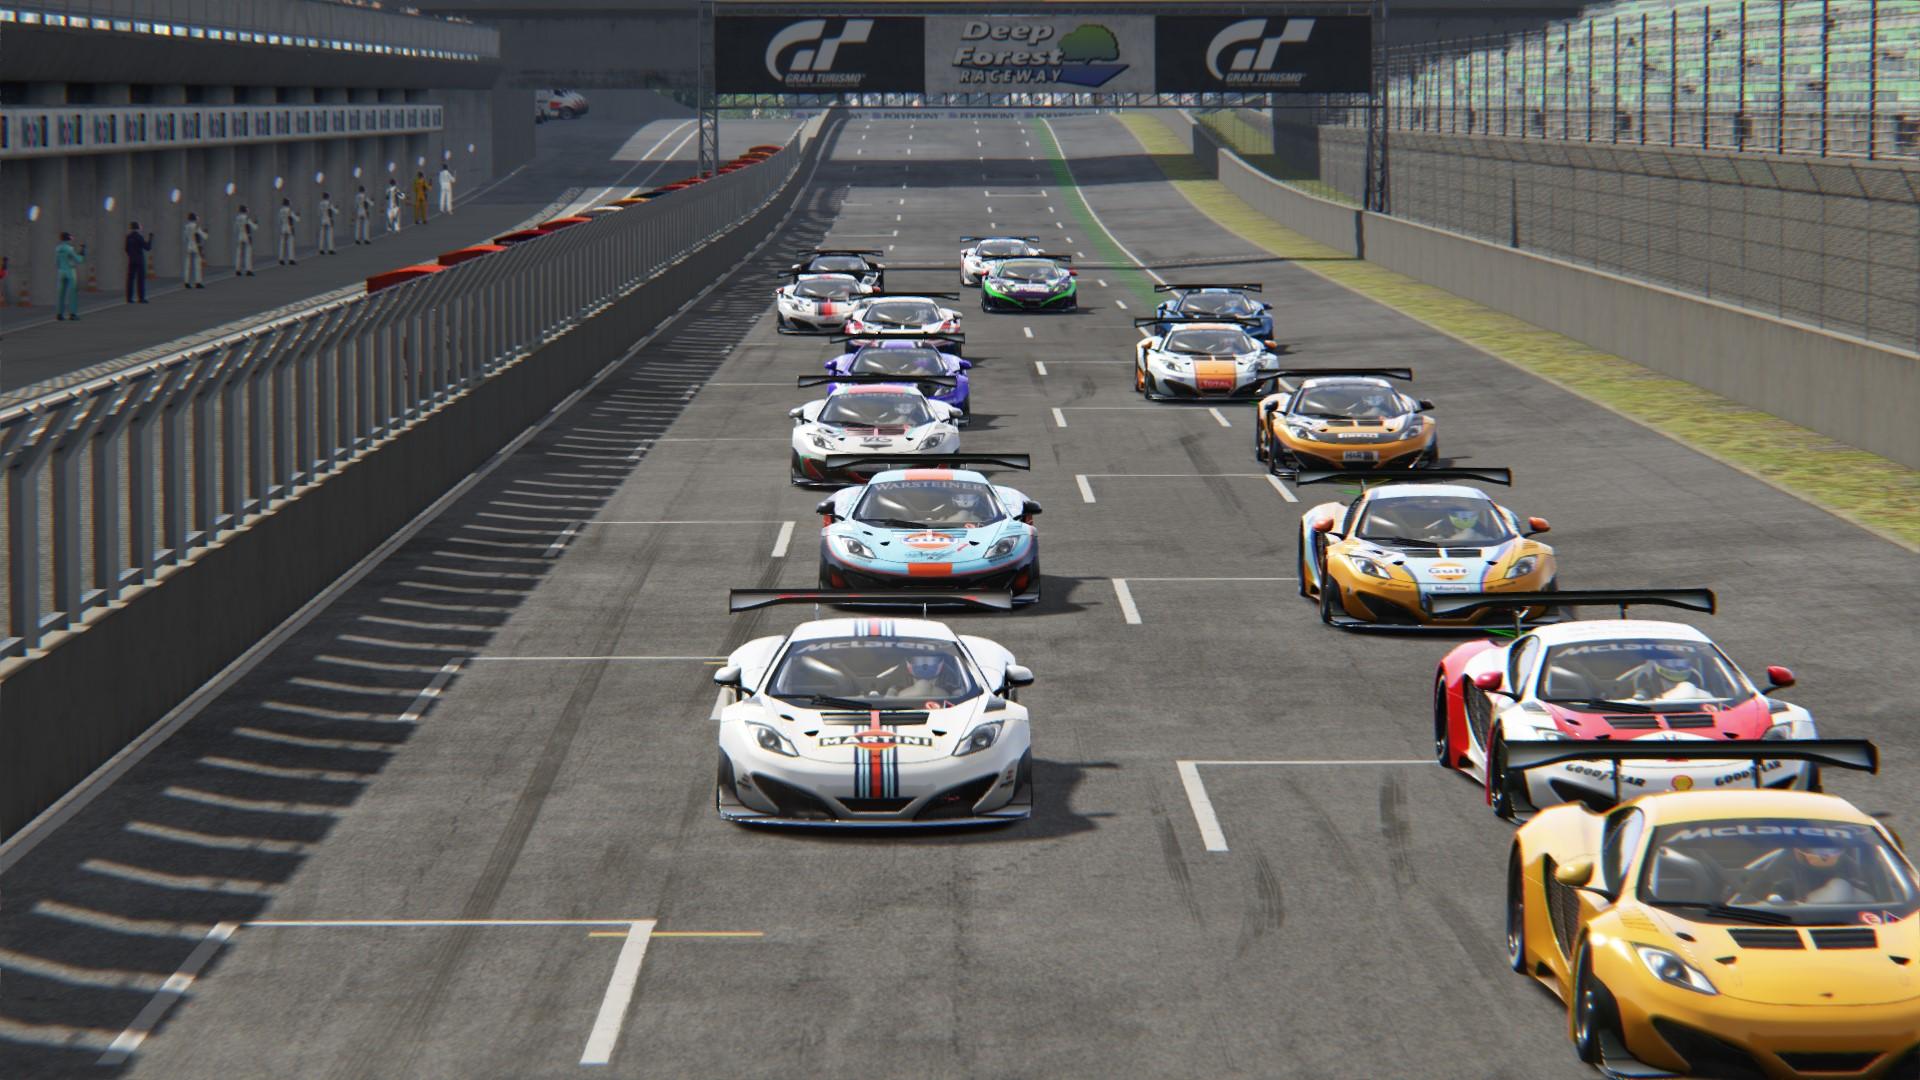 Screenshot_mclaren_mp412c_gt3_deepforest_raceway_1-6-120-22-25-58.jpg